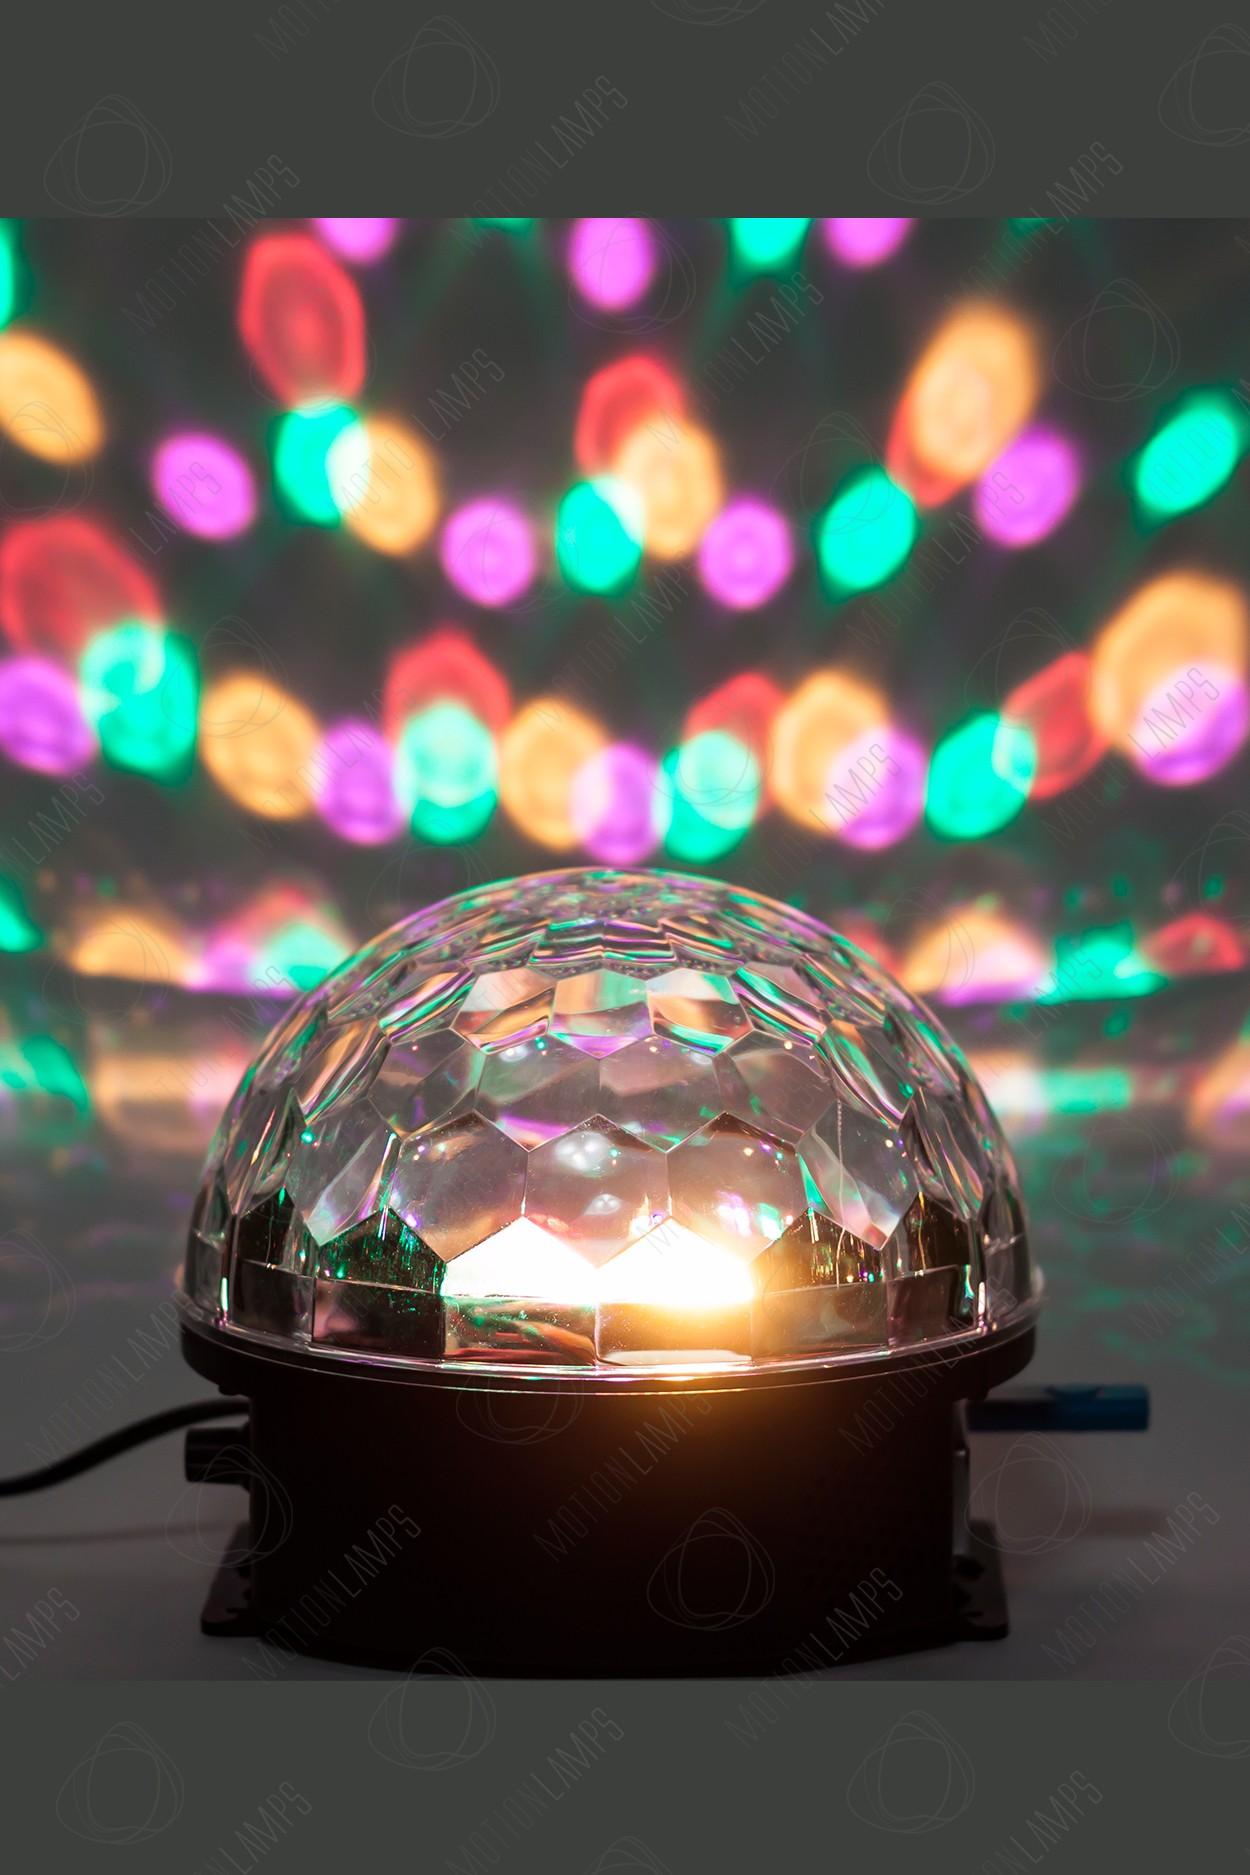 Музыкальный диско-шар LED Magic Ball Light с ДУ (Bluetooth) в Ярославле